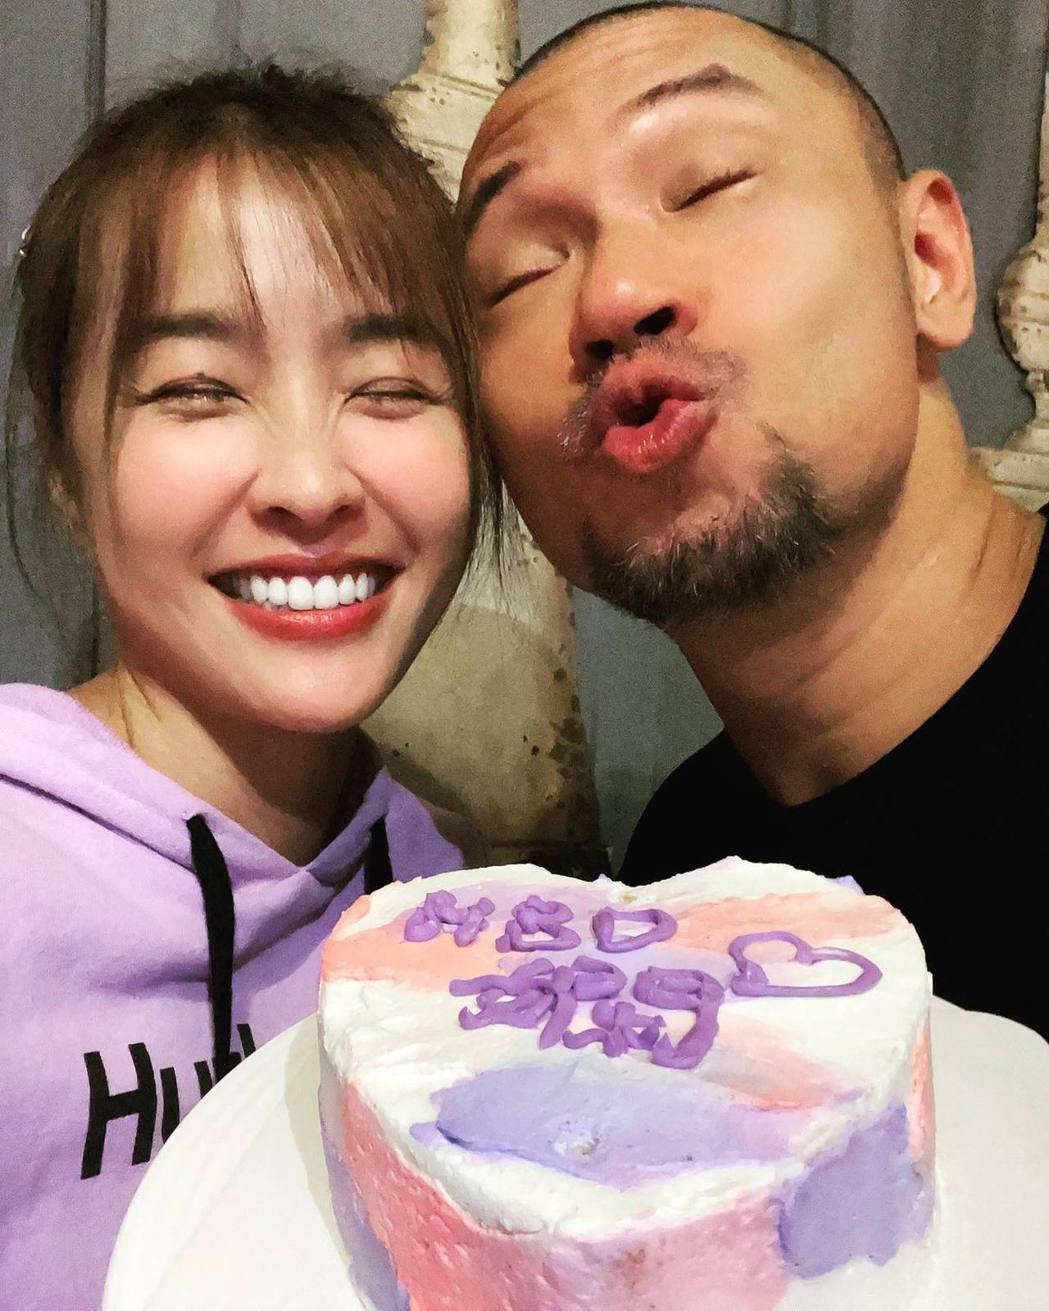 金剛為小嫻做生日蛋糕。圖/擷自臉書